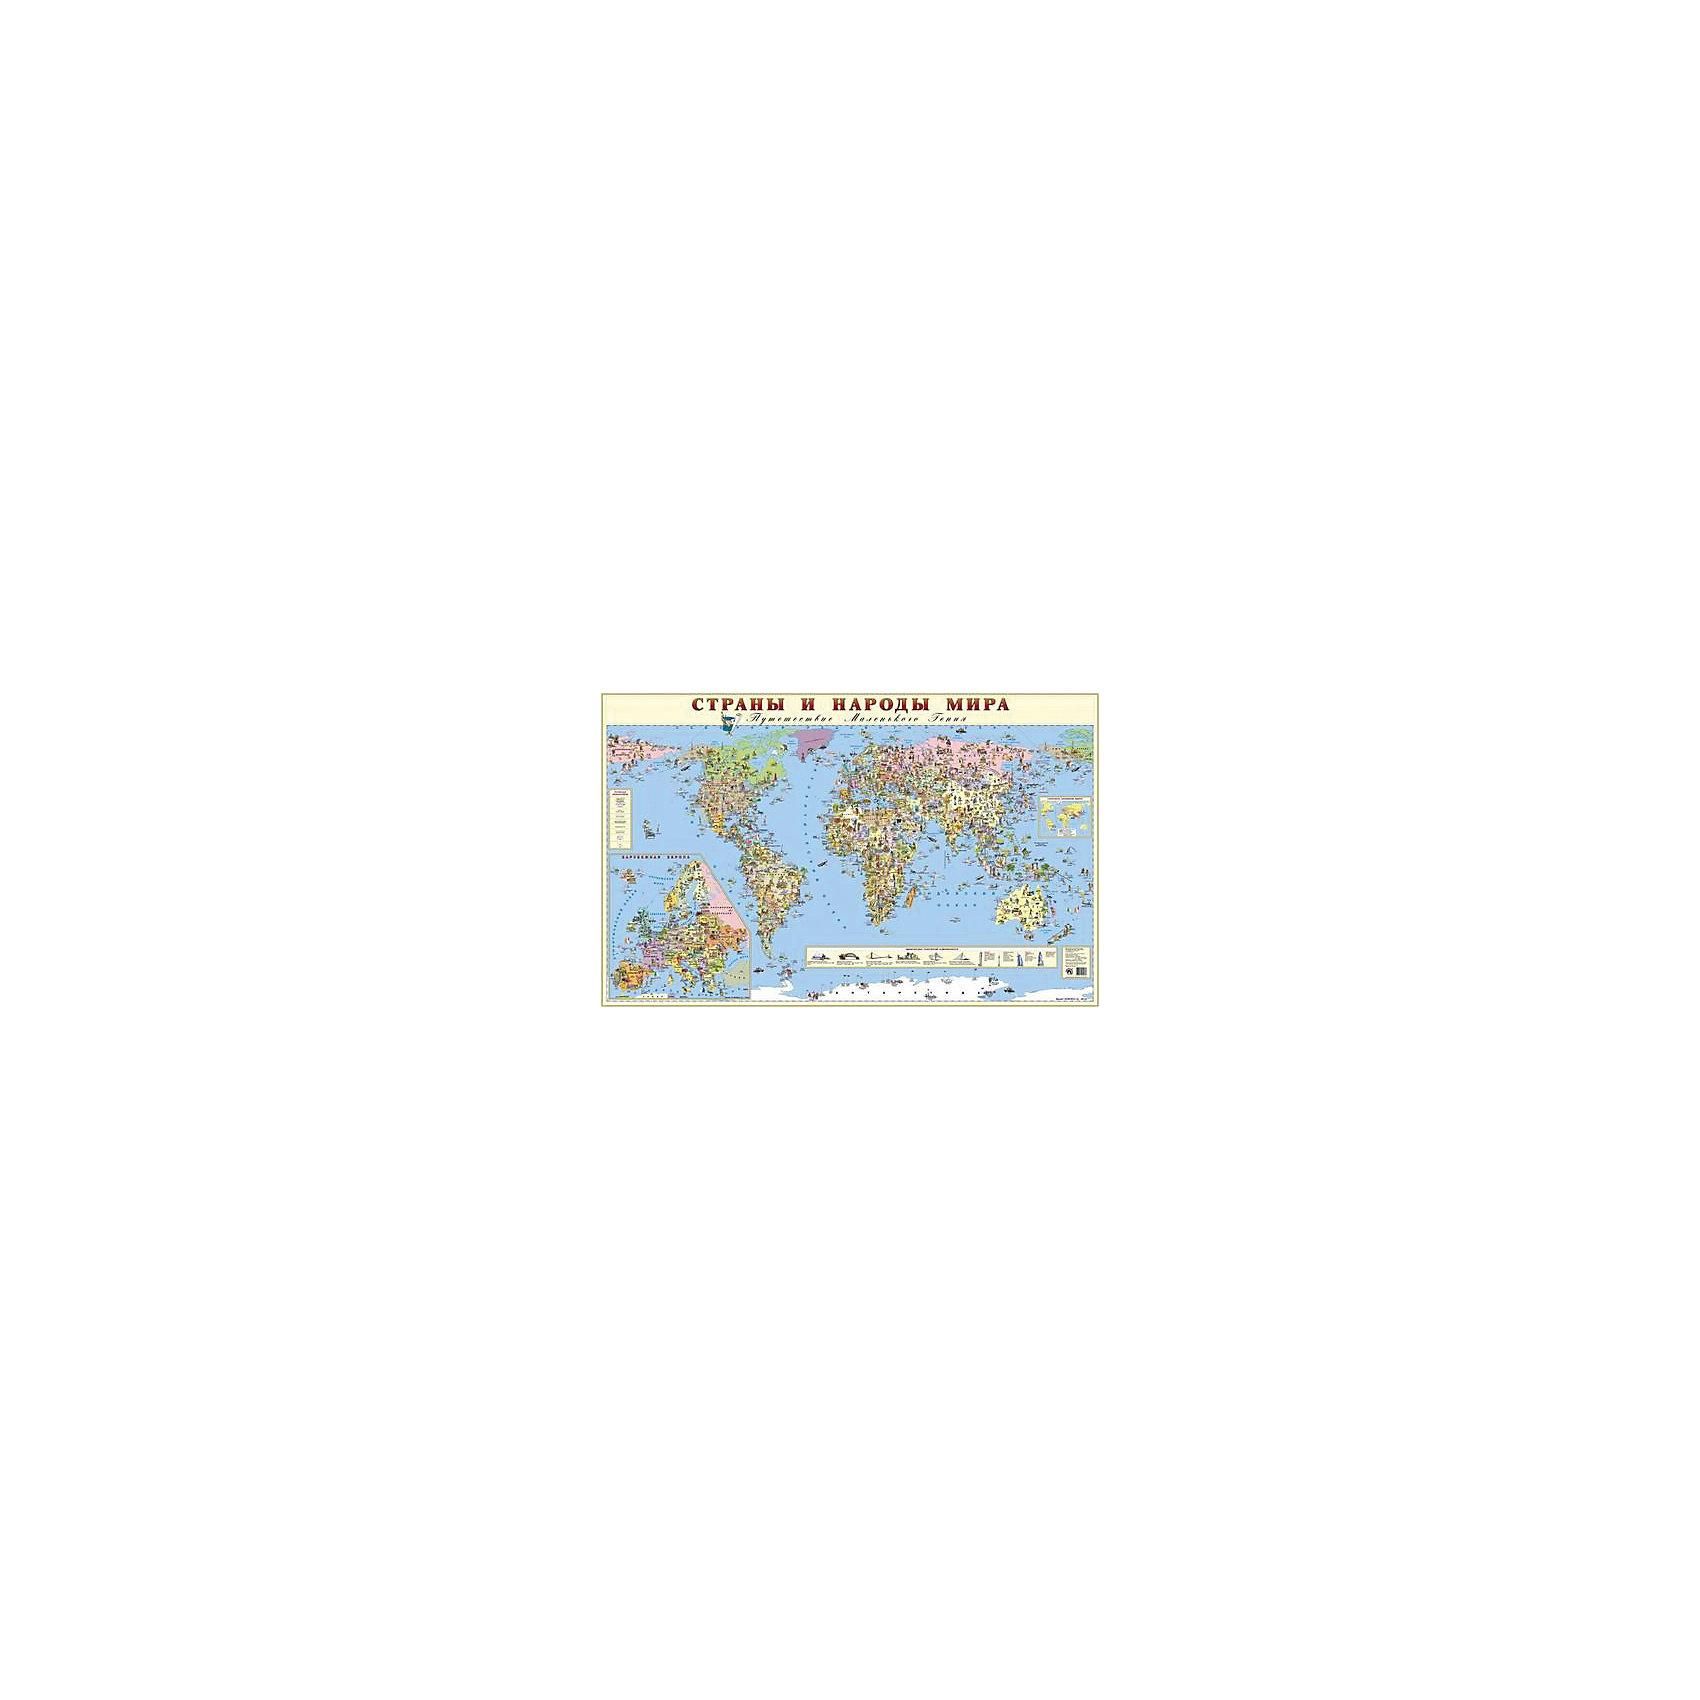 Карта Страны и народы мираПлакаты и карты<br>Первые географические пособия для малыша, которые познакомят его с многообразием и красотой окружающего мира. Особенностью этих карт является максимально точная научная информация, которая подается в яркой и привлекательной форме Оригинальные художественные иллюстрации дадут ребенку правильное представление о том, как выглядят те или иные объекты, а забавный игровой персонаж Маленький Гений превратит изучение карты в увлекательное путешествие.<br><br>Ширина мм: 1500<br>Глубина мм: 95<br>Высота мм: 2<br>Вес г: 400<br>Возраст от месяцев: 36<br>Возраст до месяцев: 192<br>Пол: Унисекс<br>Возраст: Детский<br>SKU: 4802966